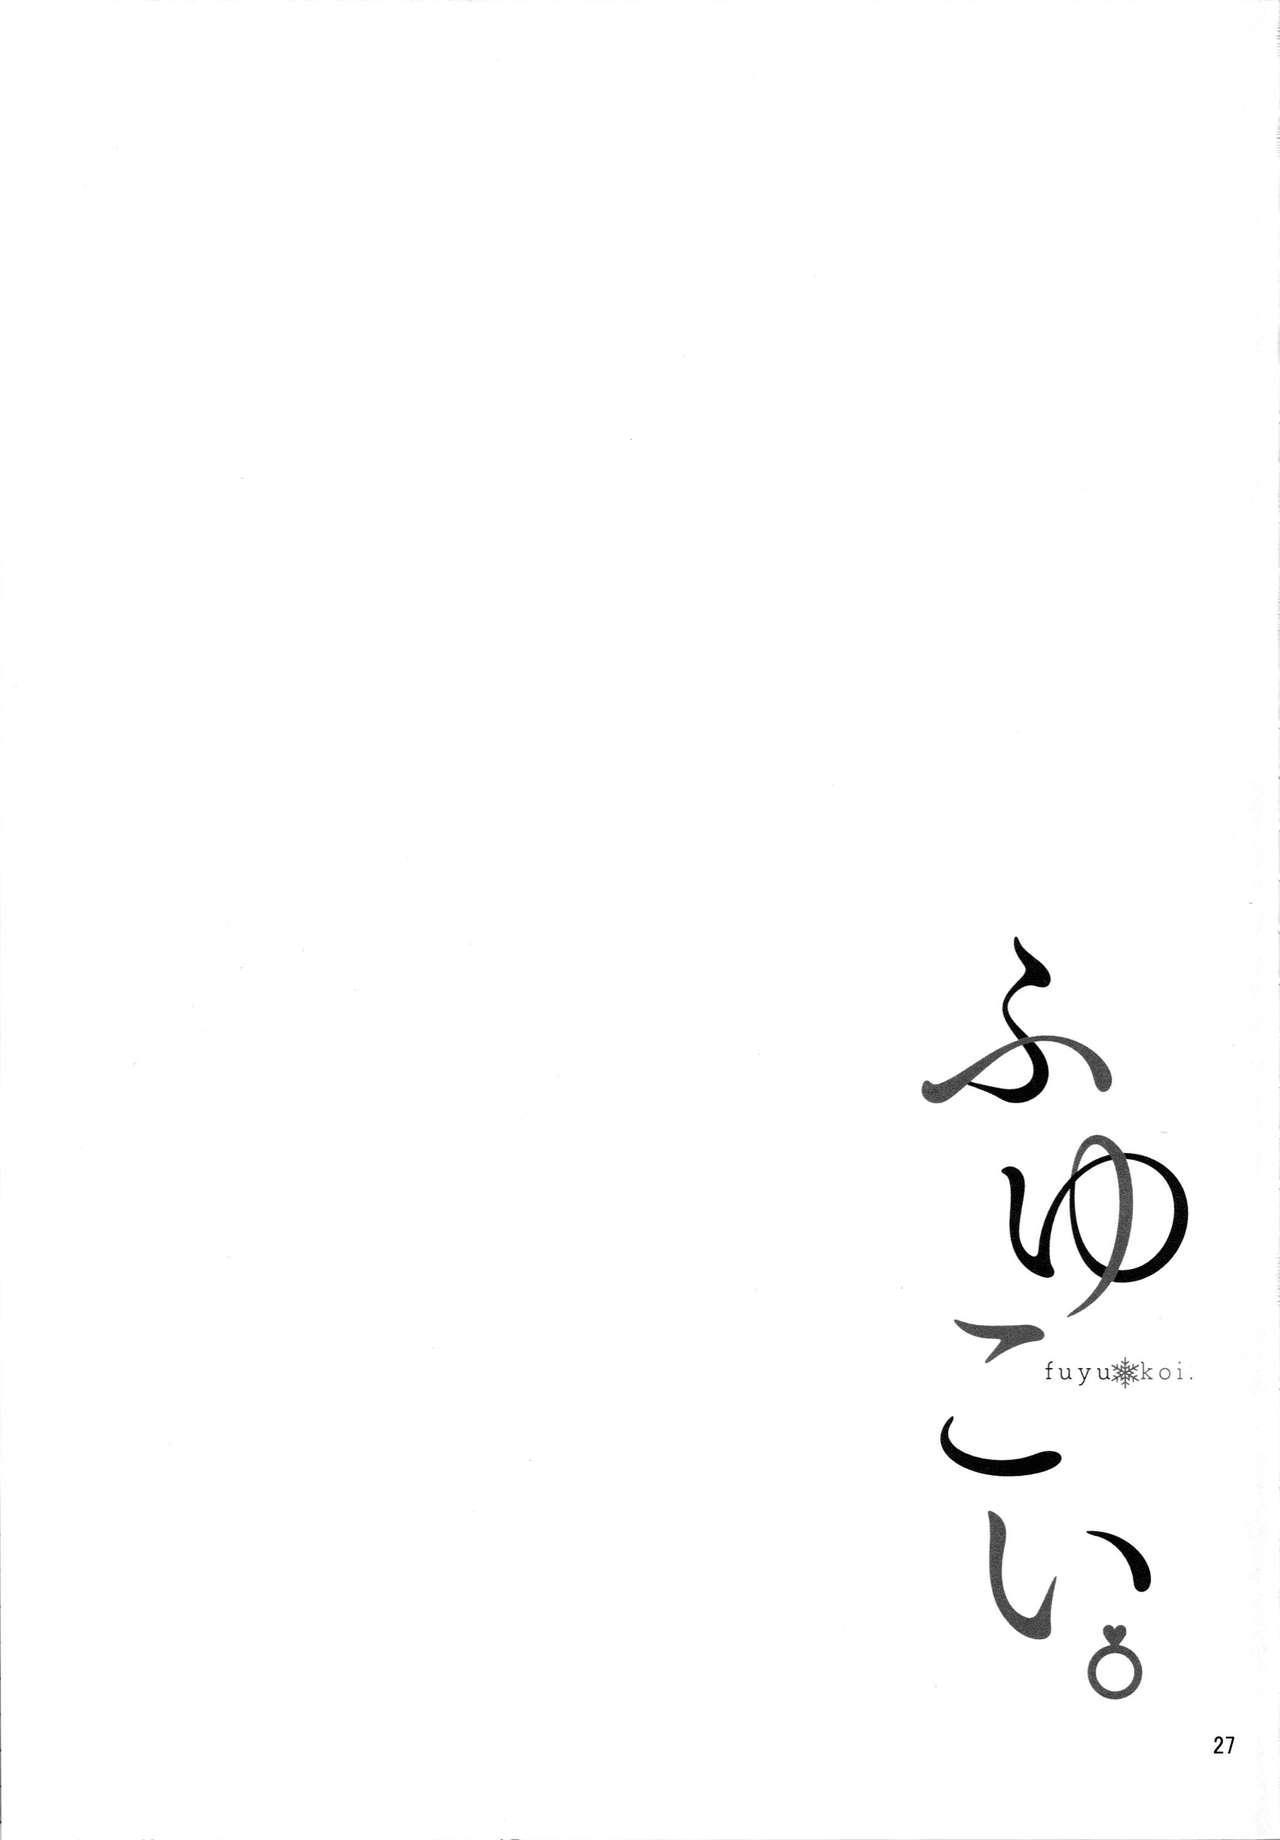 Fuyu Koi. 27